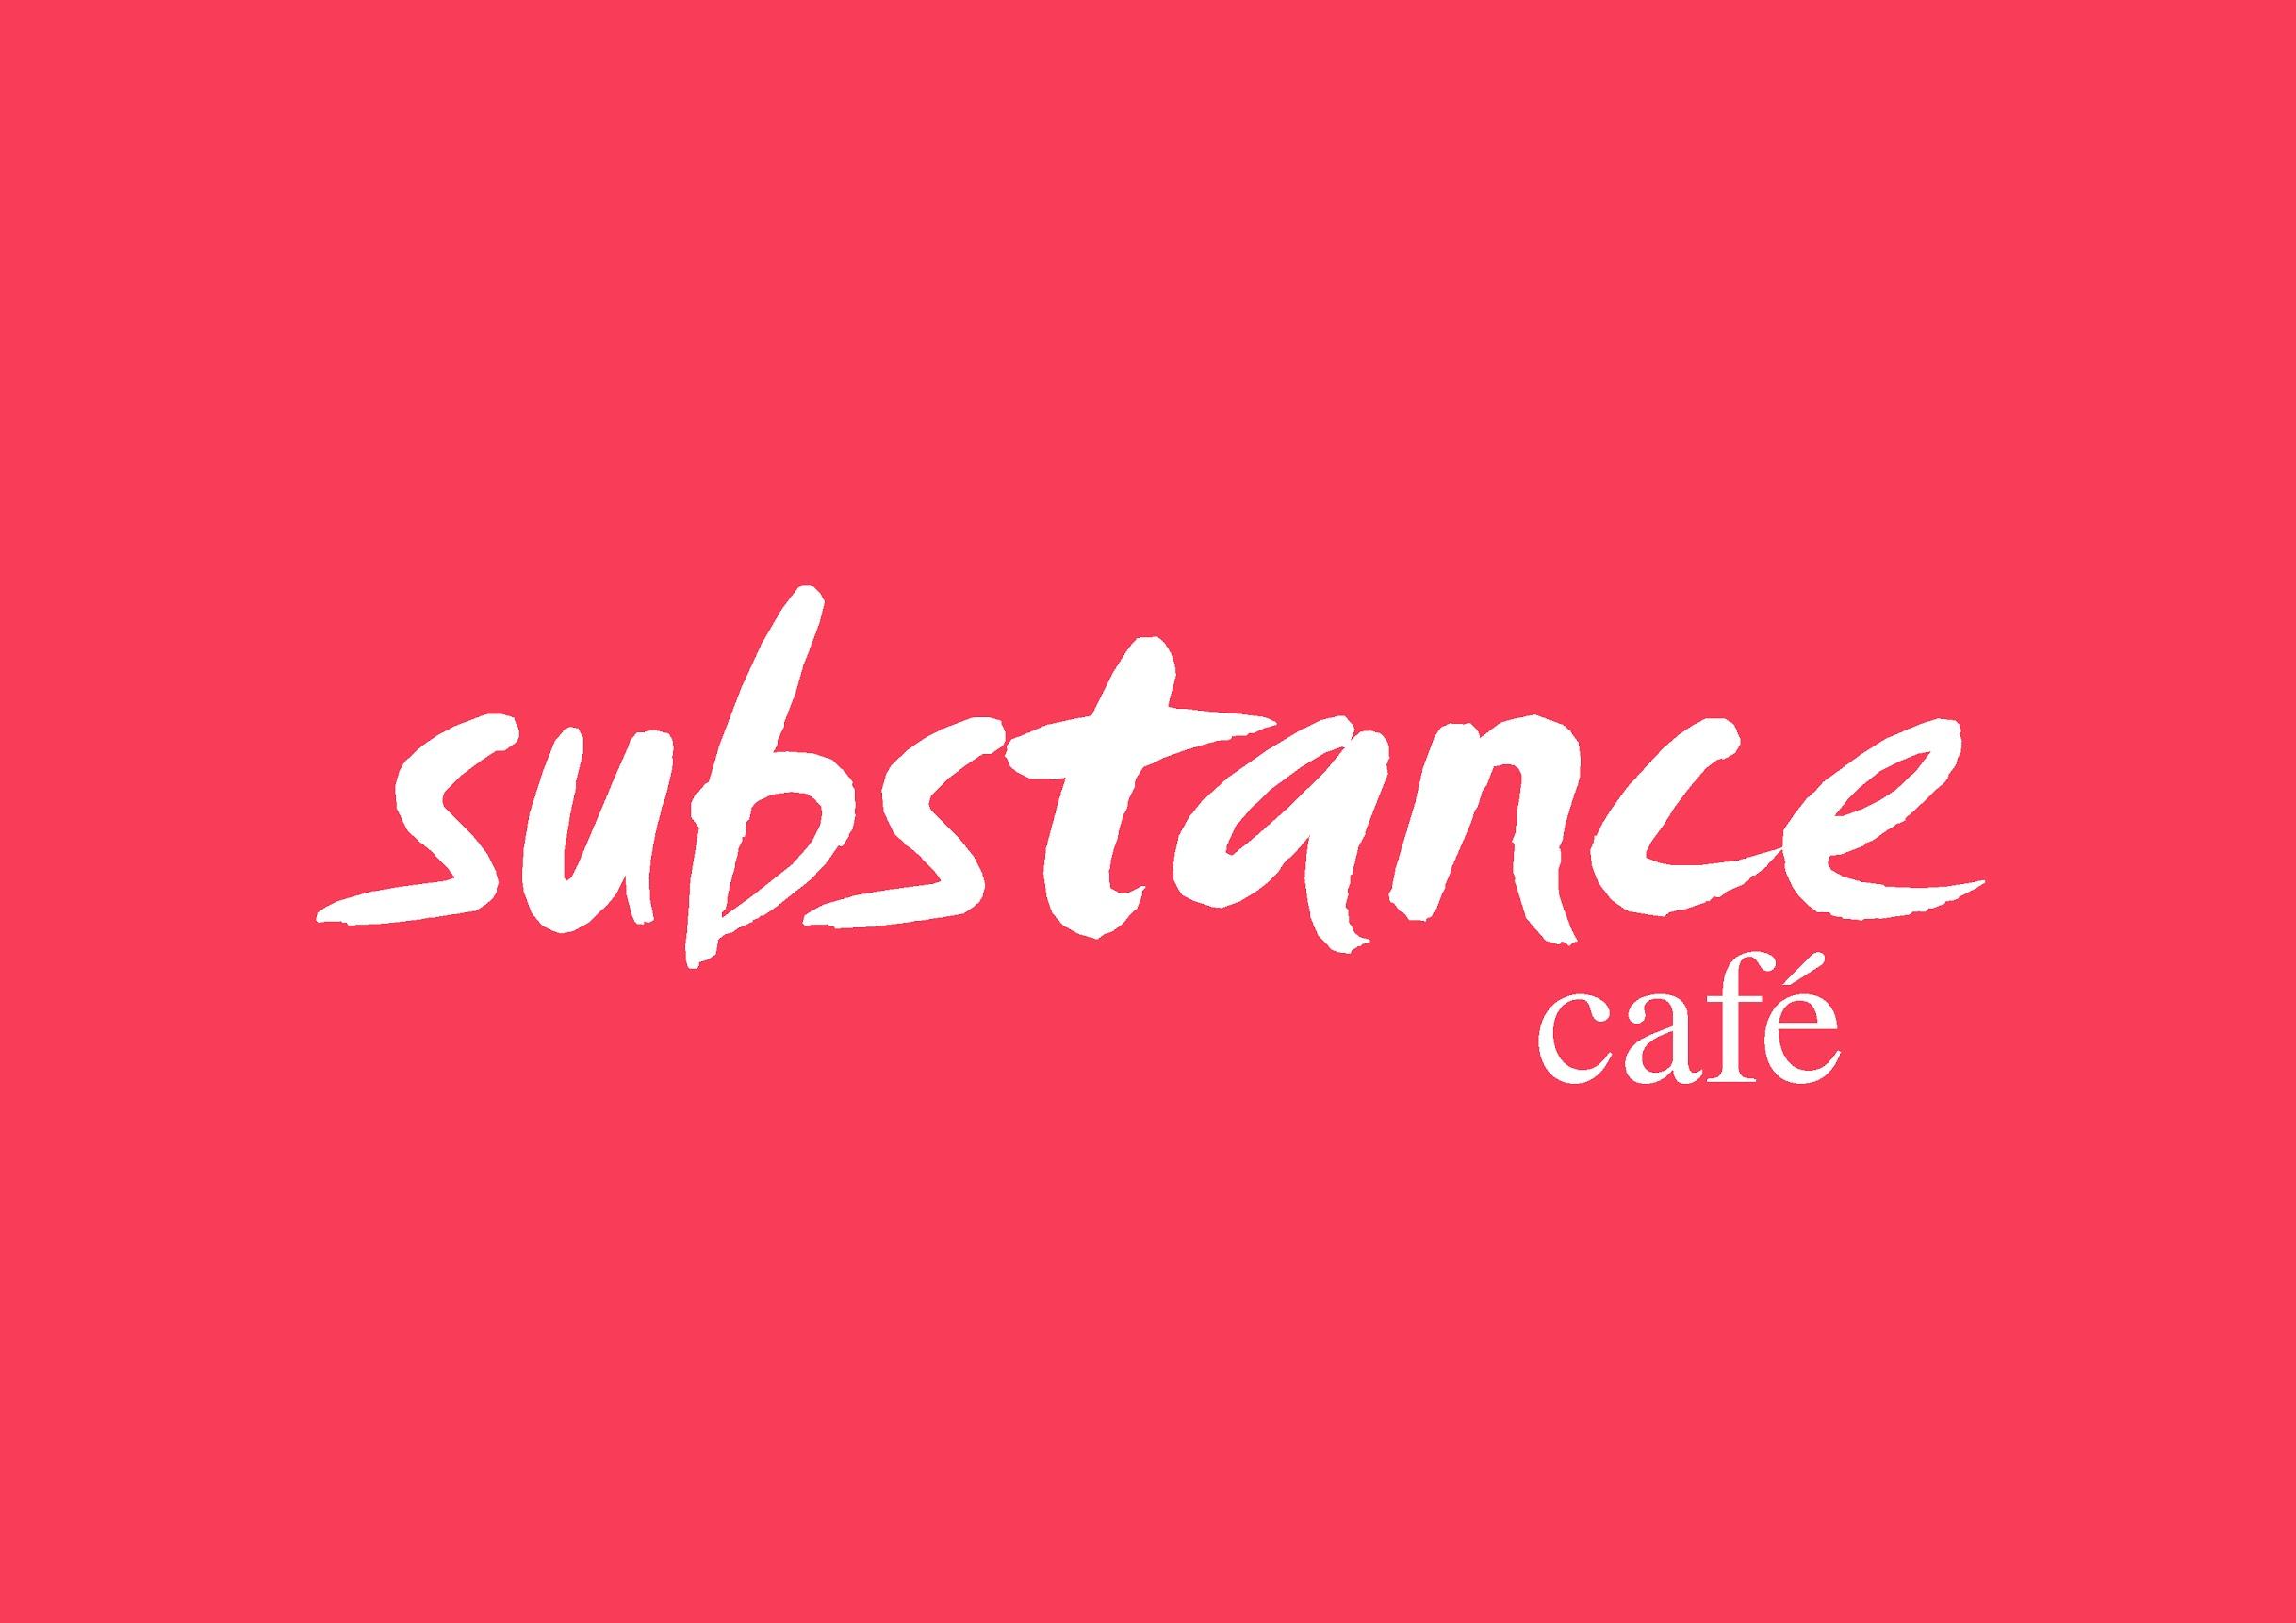 SUBSTANCE CAFE